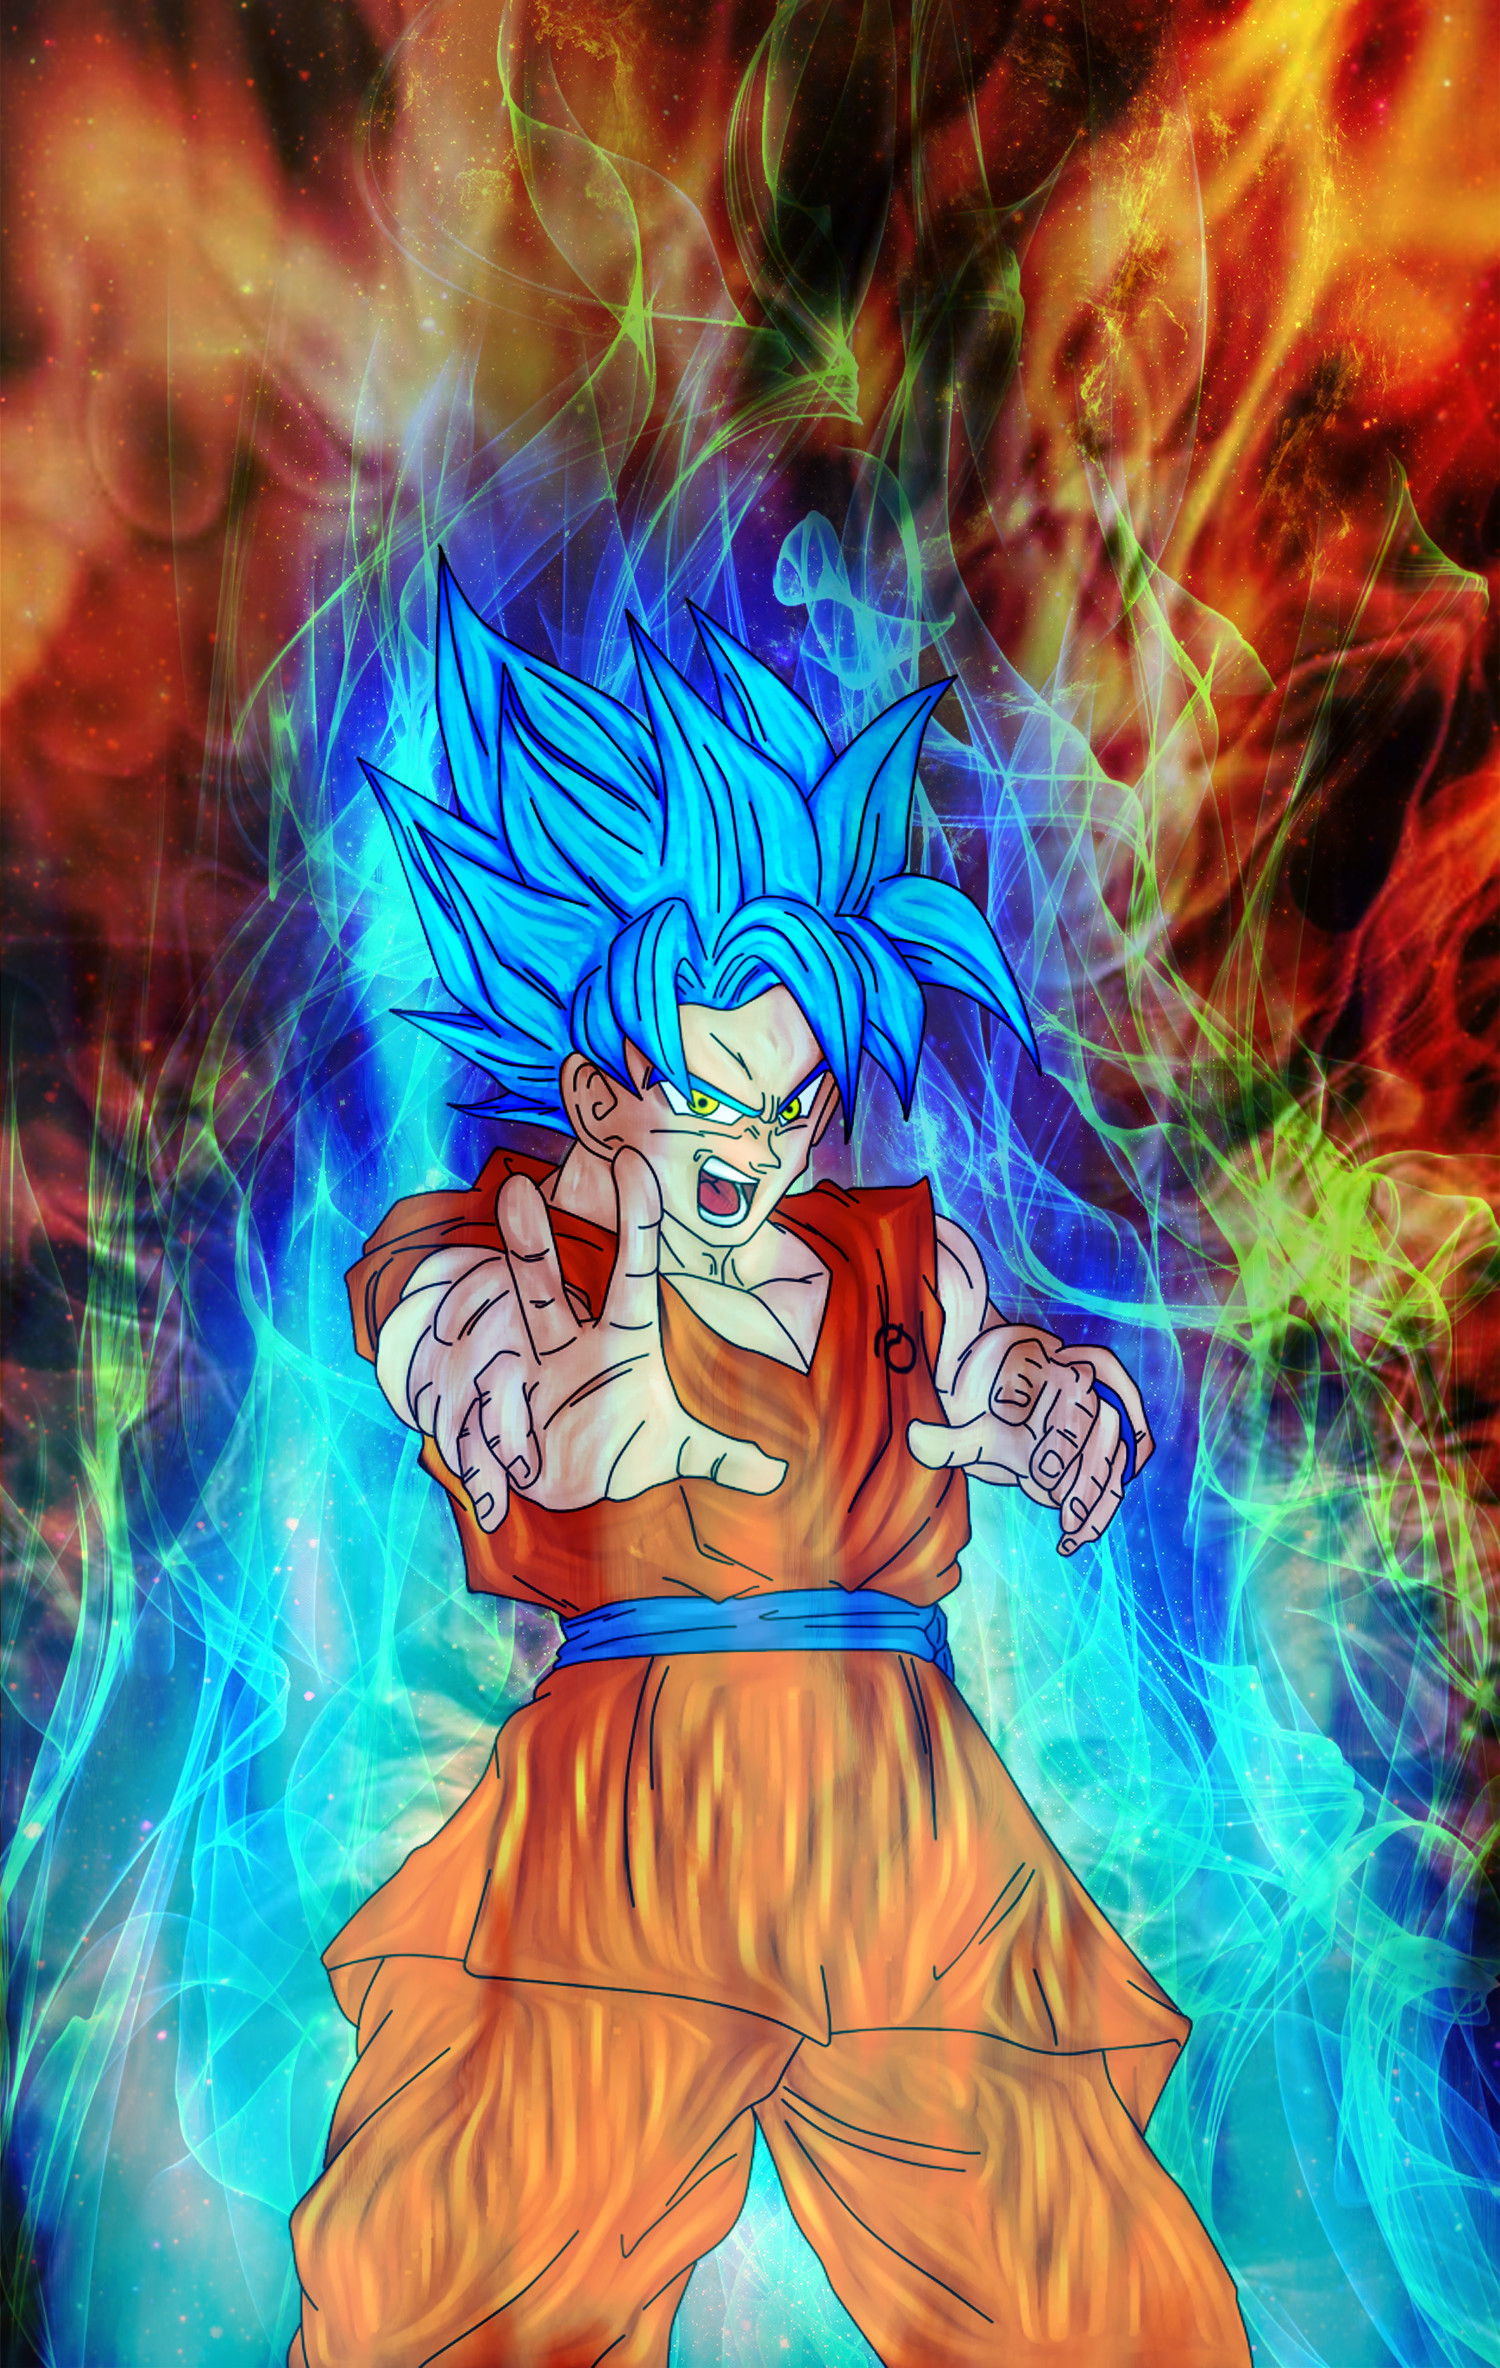 Goku God-ki Super Saiyan by Nassif9000 on DeviantArt